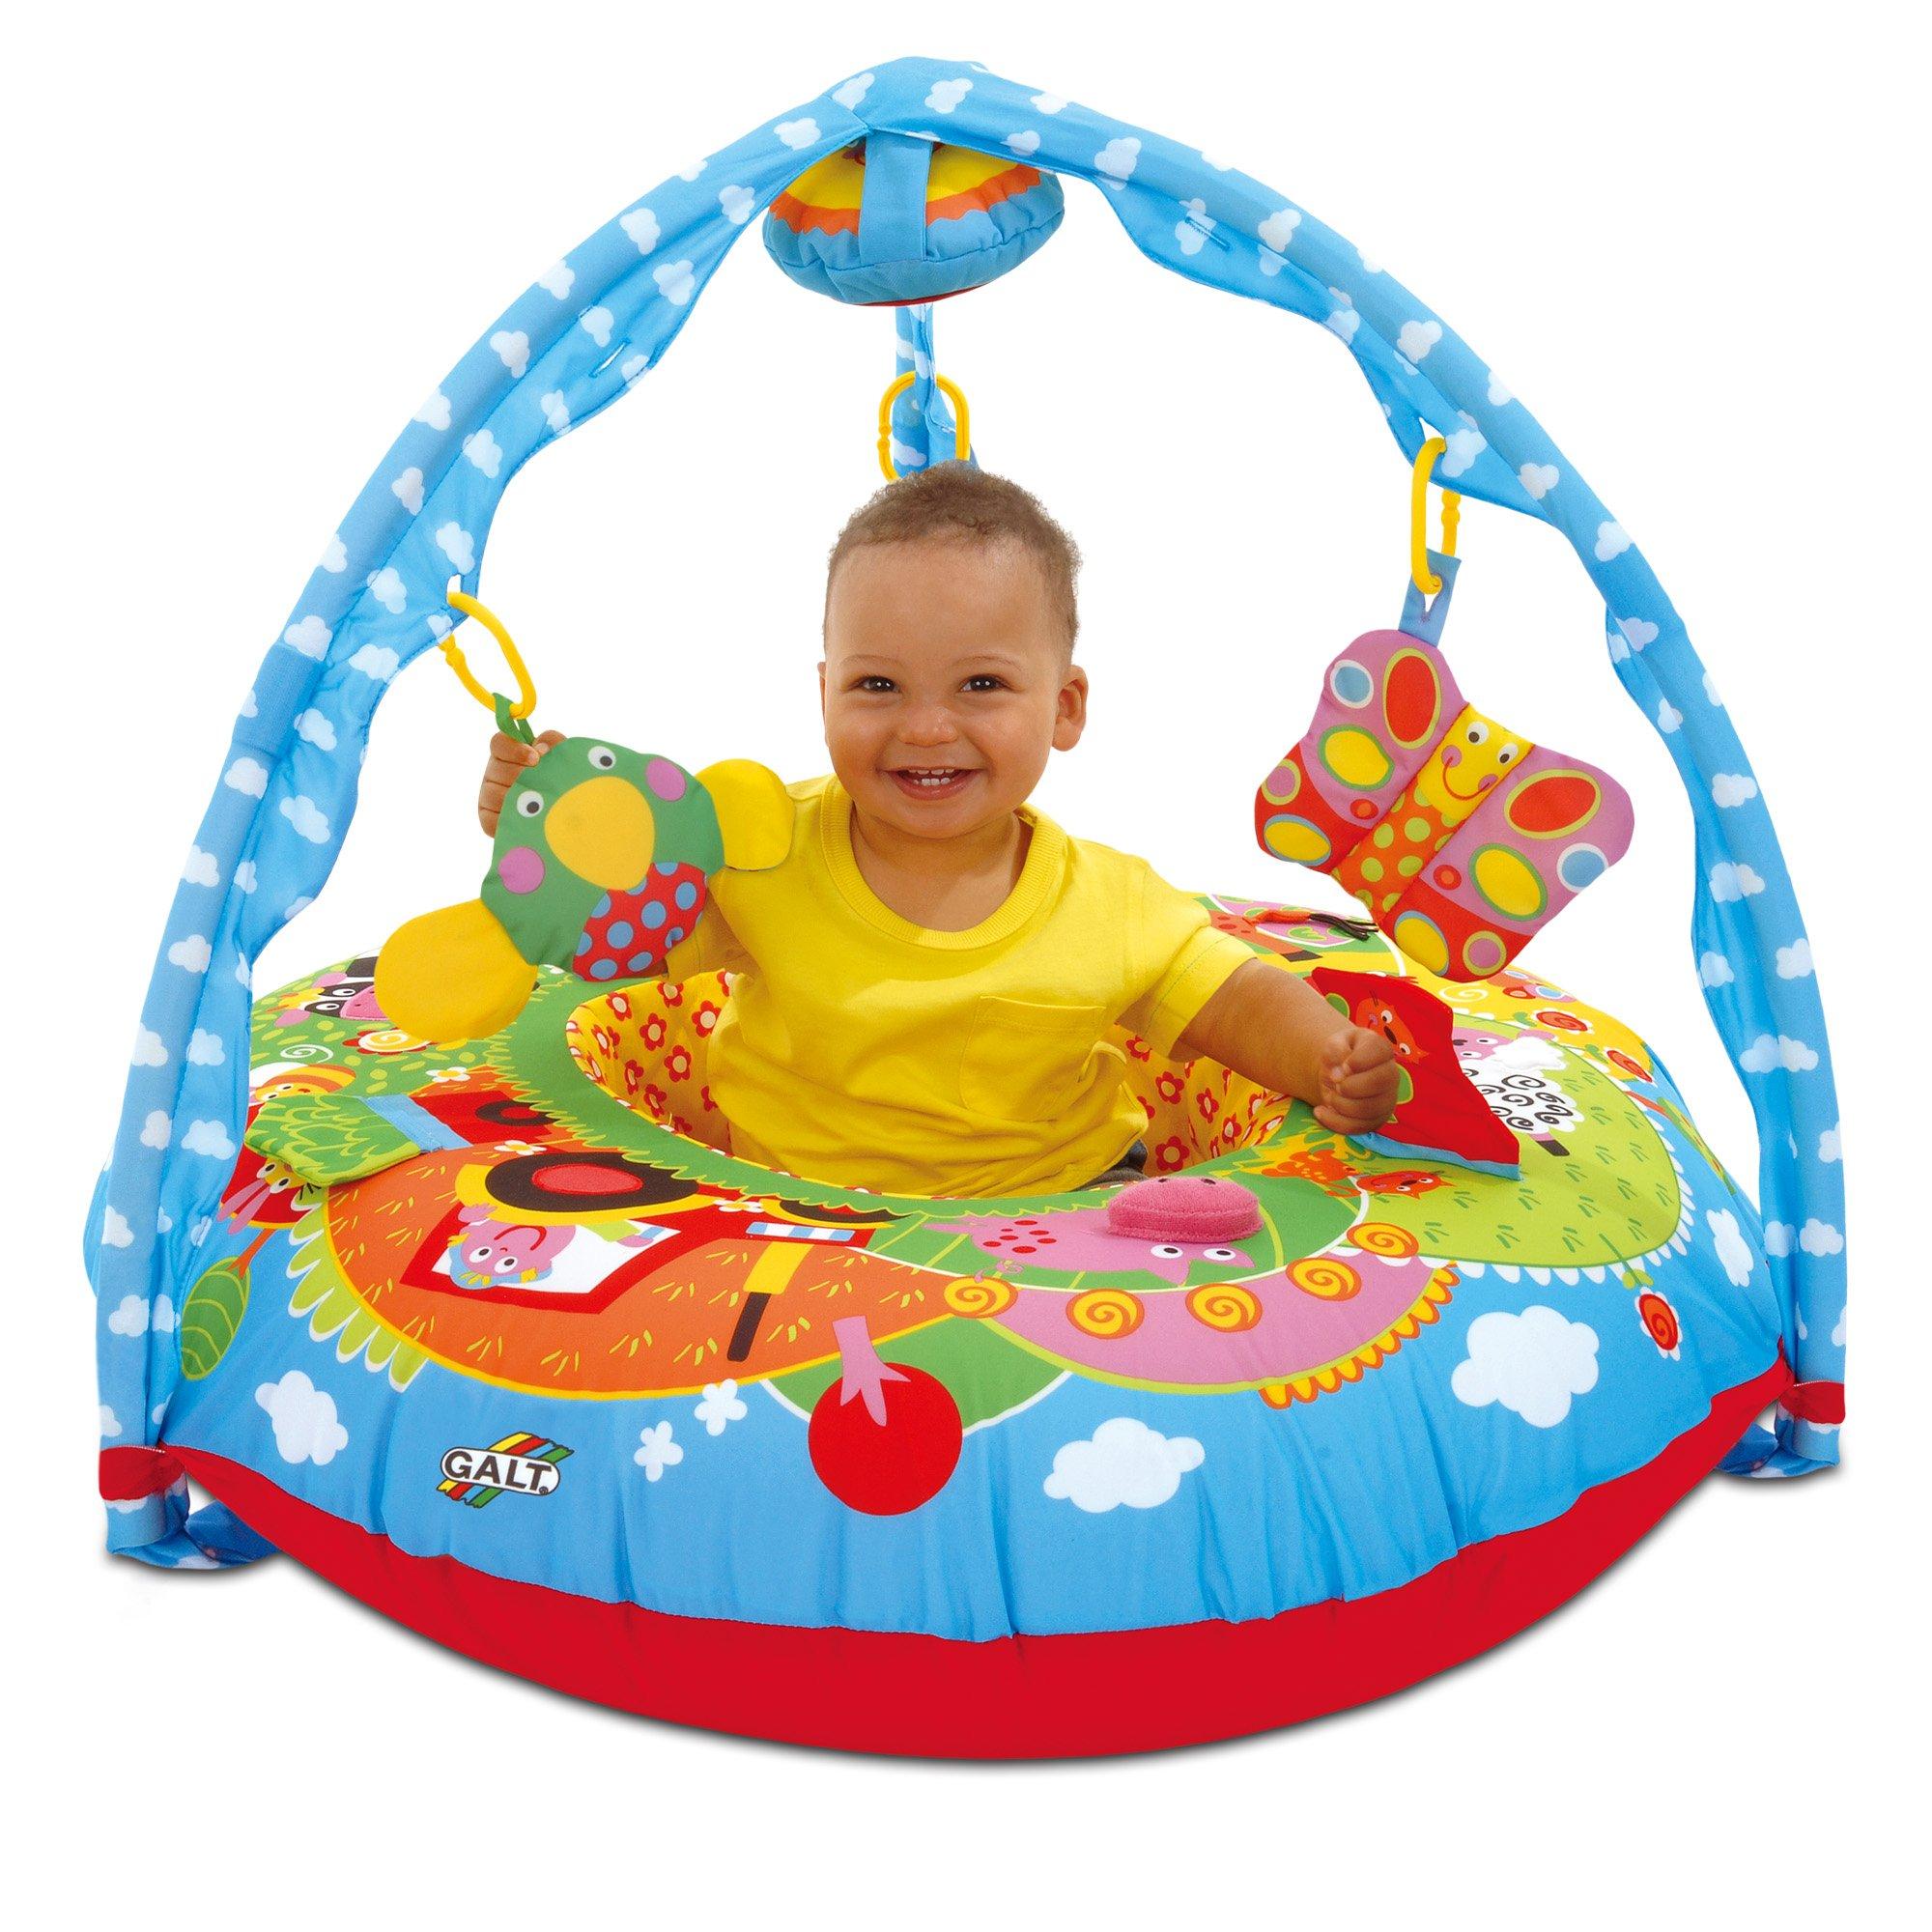 Galt Toys, Playnest & Gym - Farm (Triang) by Galt (Image #1)